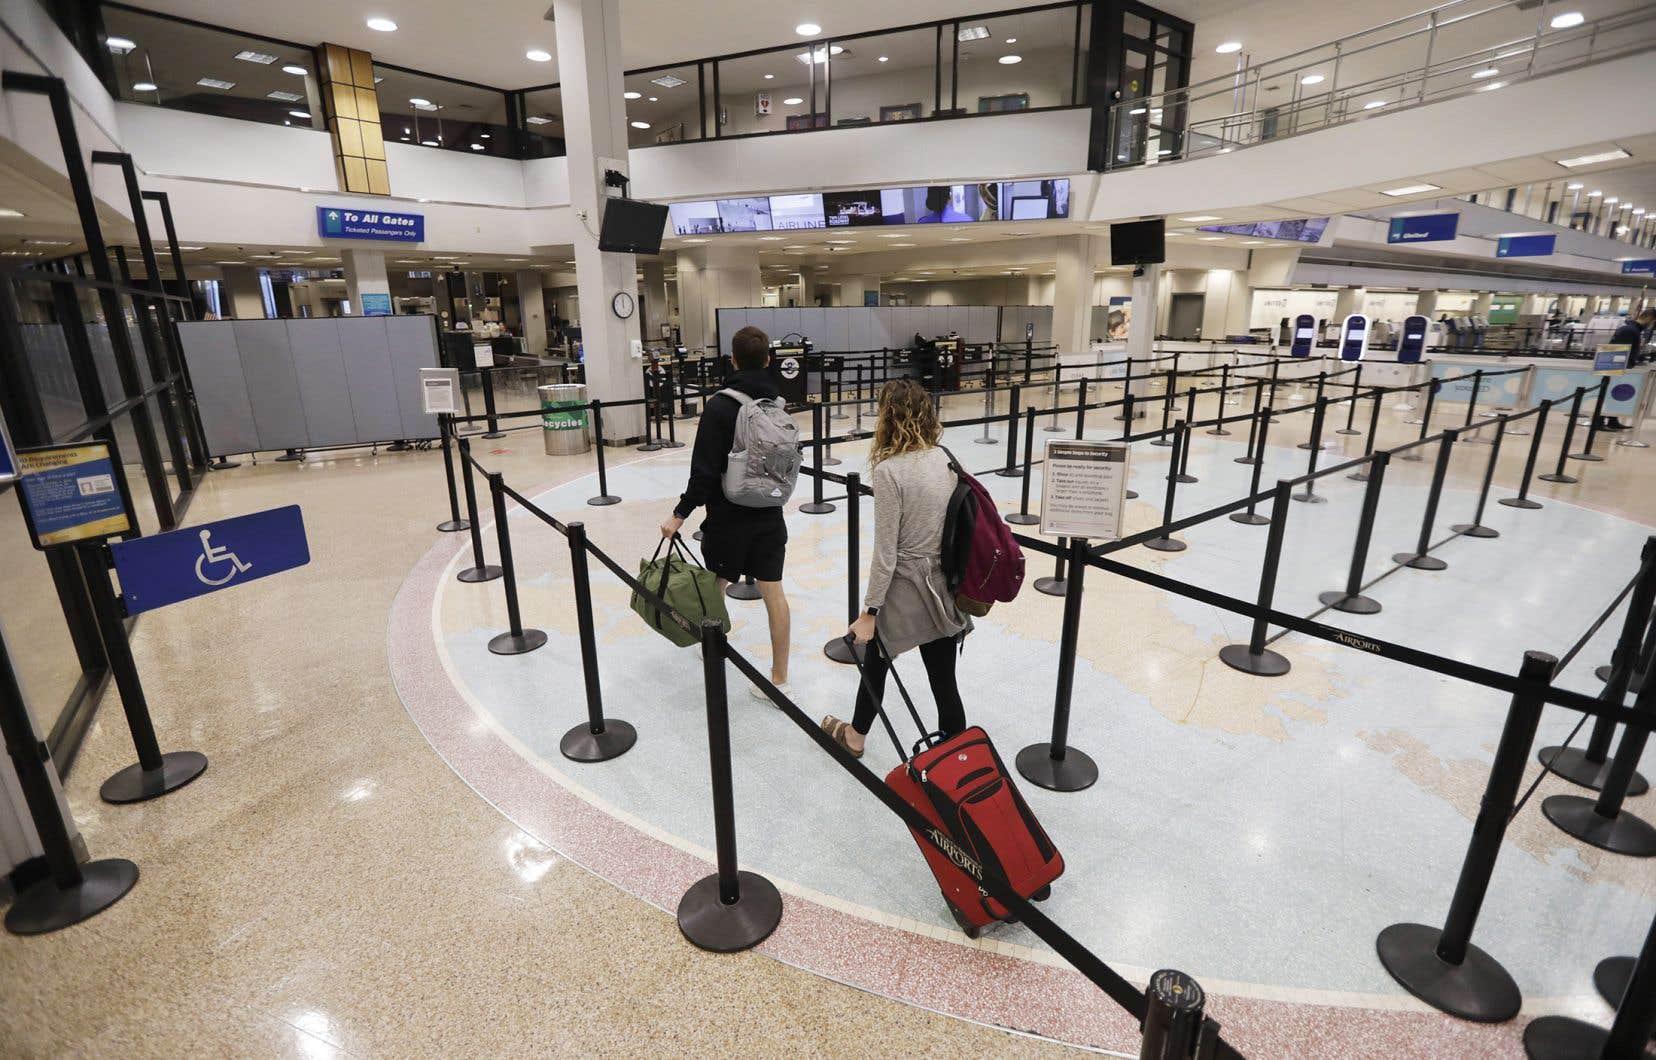 Selon l'IATA, les revenus de vente de billets devraient diminuer de 252 milliards$US en 2020, comparativement à 2019.